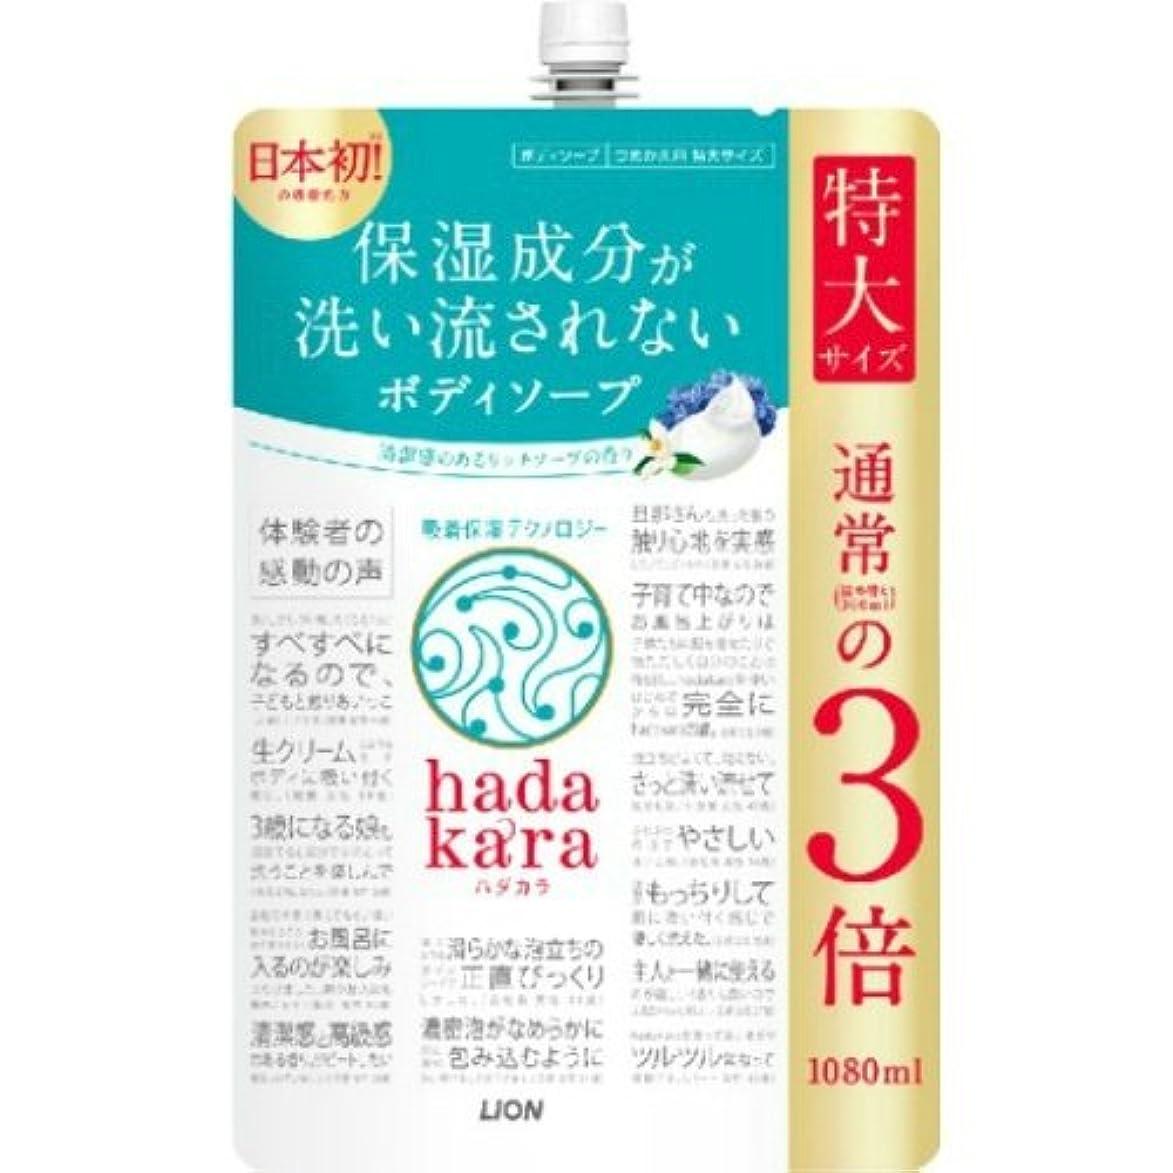 信号バイソン好戦的なLION ライオン hadakara ハダカラ ボディソープ リッチソープの香り つめかえ用 特大サイズ 1080ml ×006点セット(4903301260882)